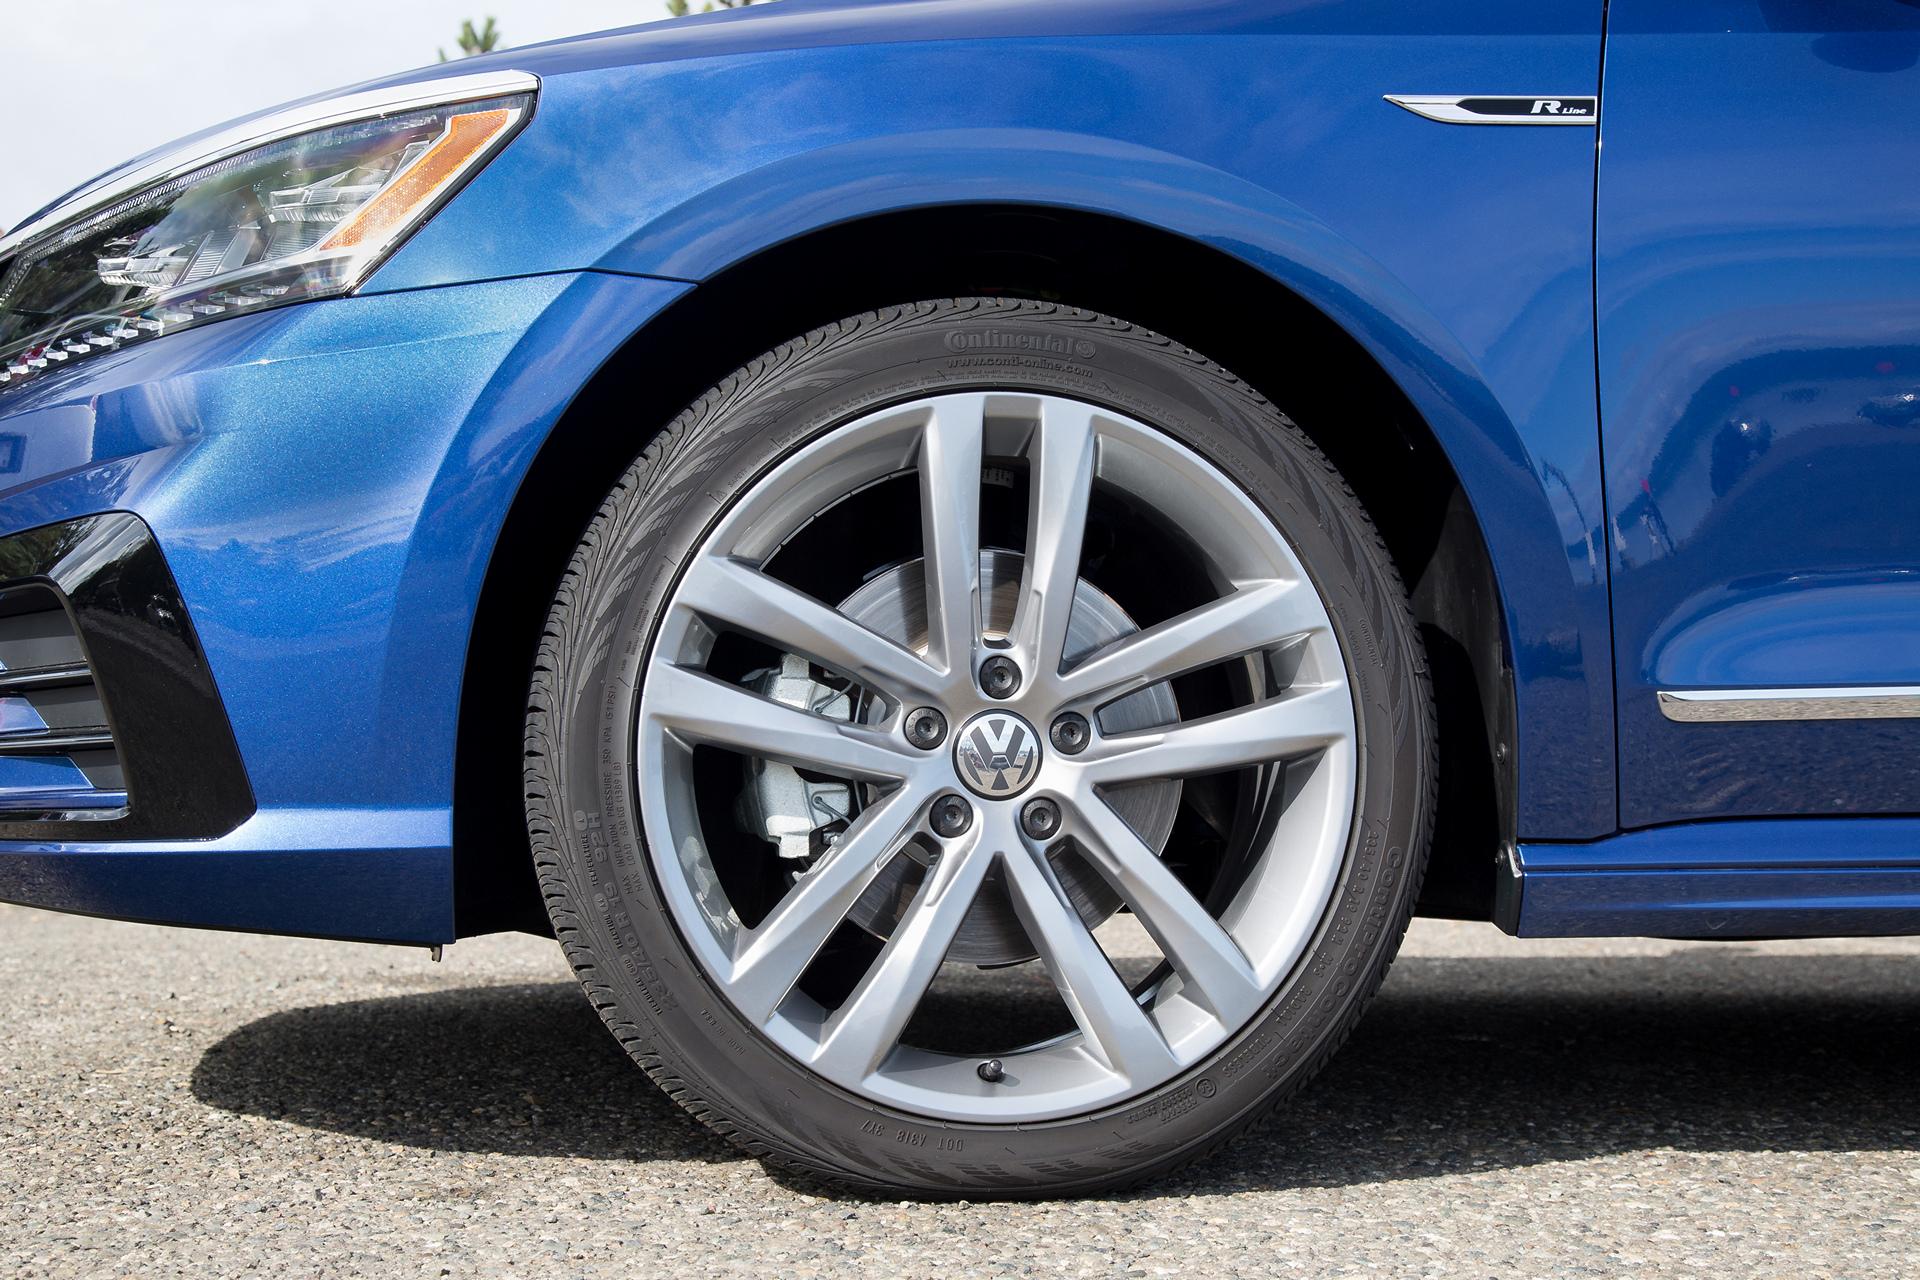 2017 Volkswagen Passat © Volkswagen AG